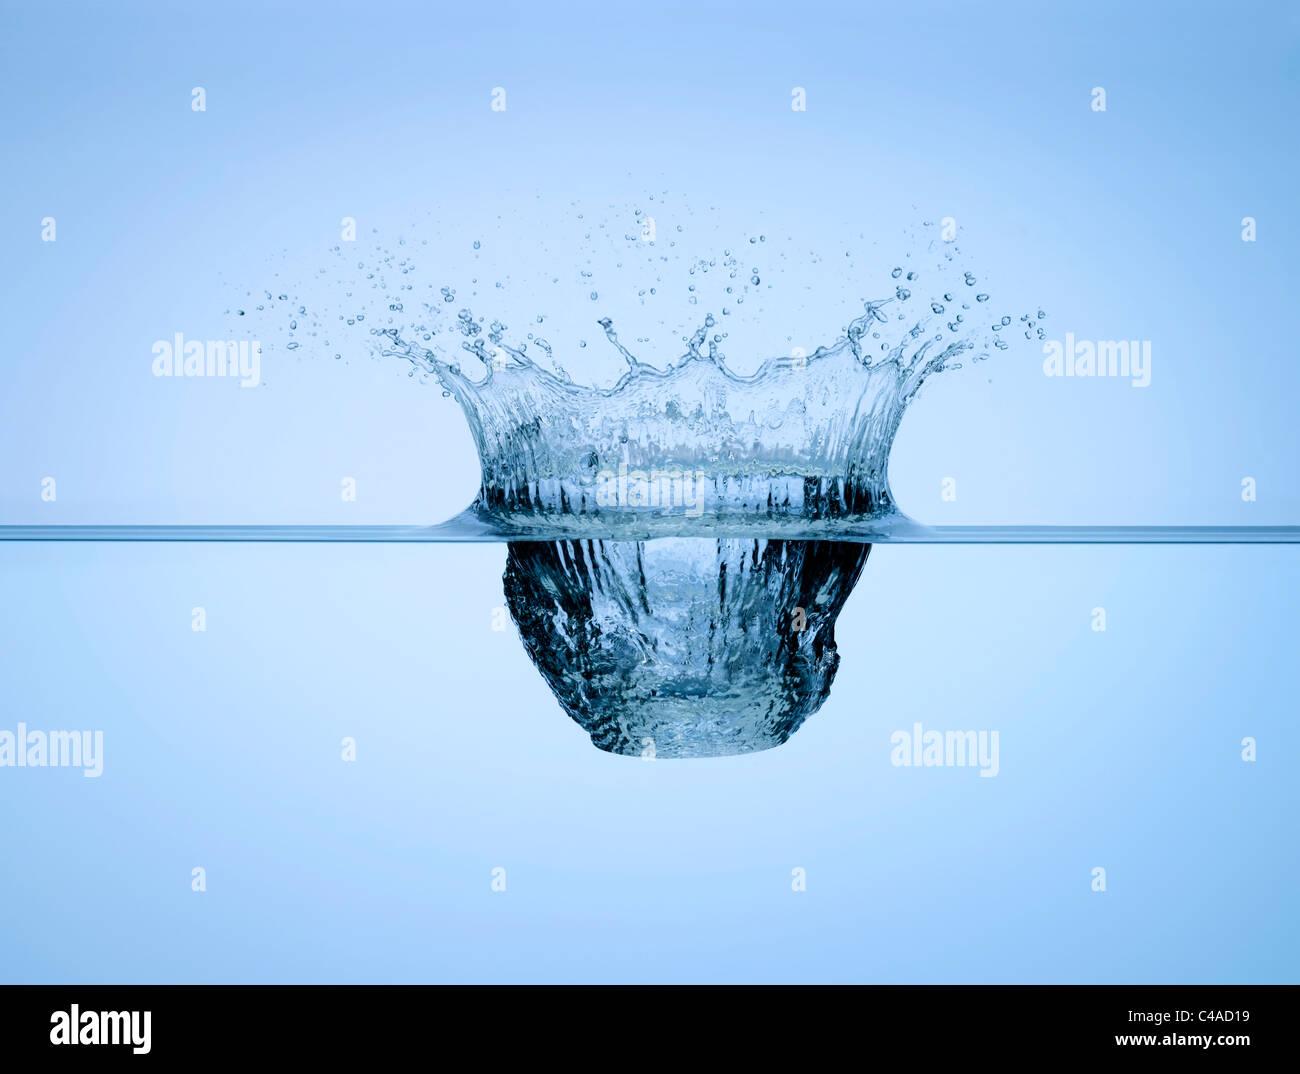 Un splash dans l'eau Photo Stock